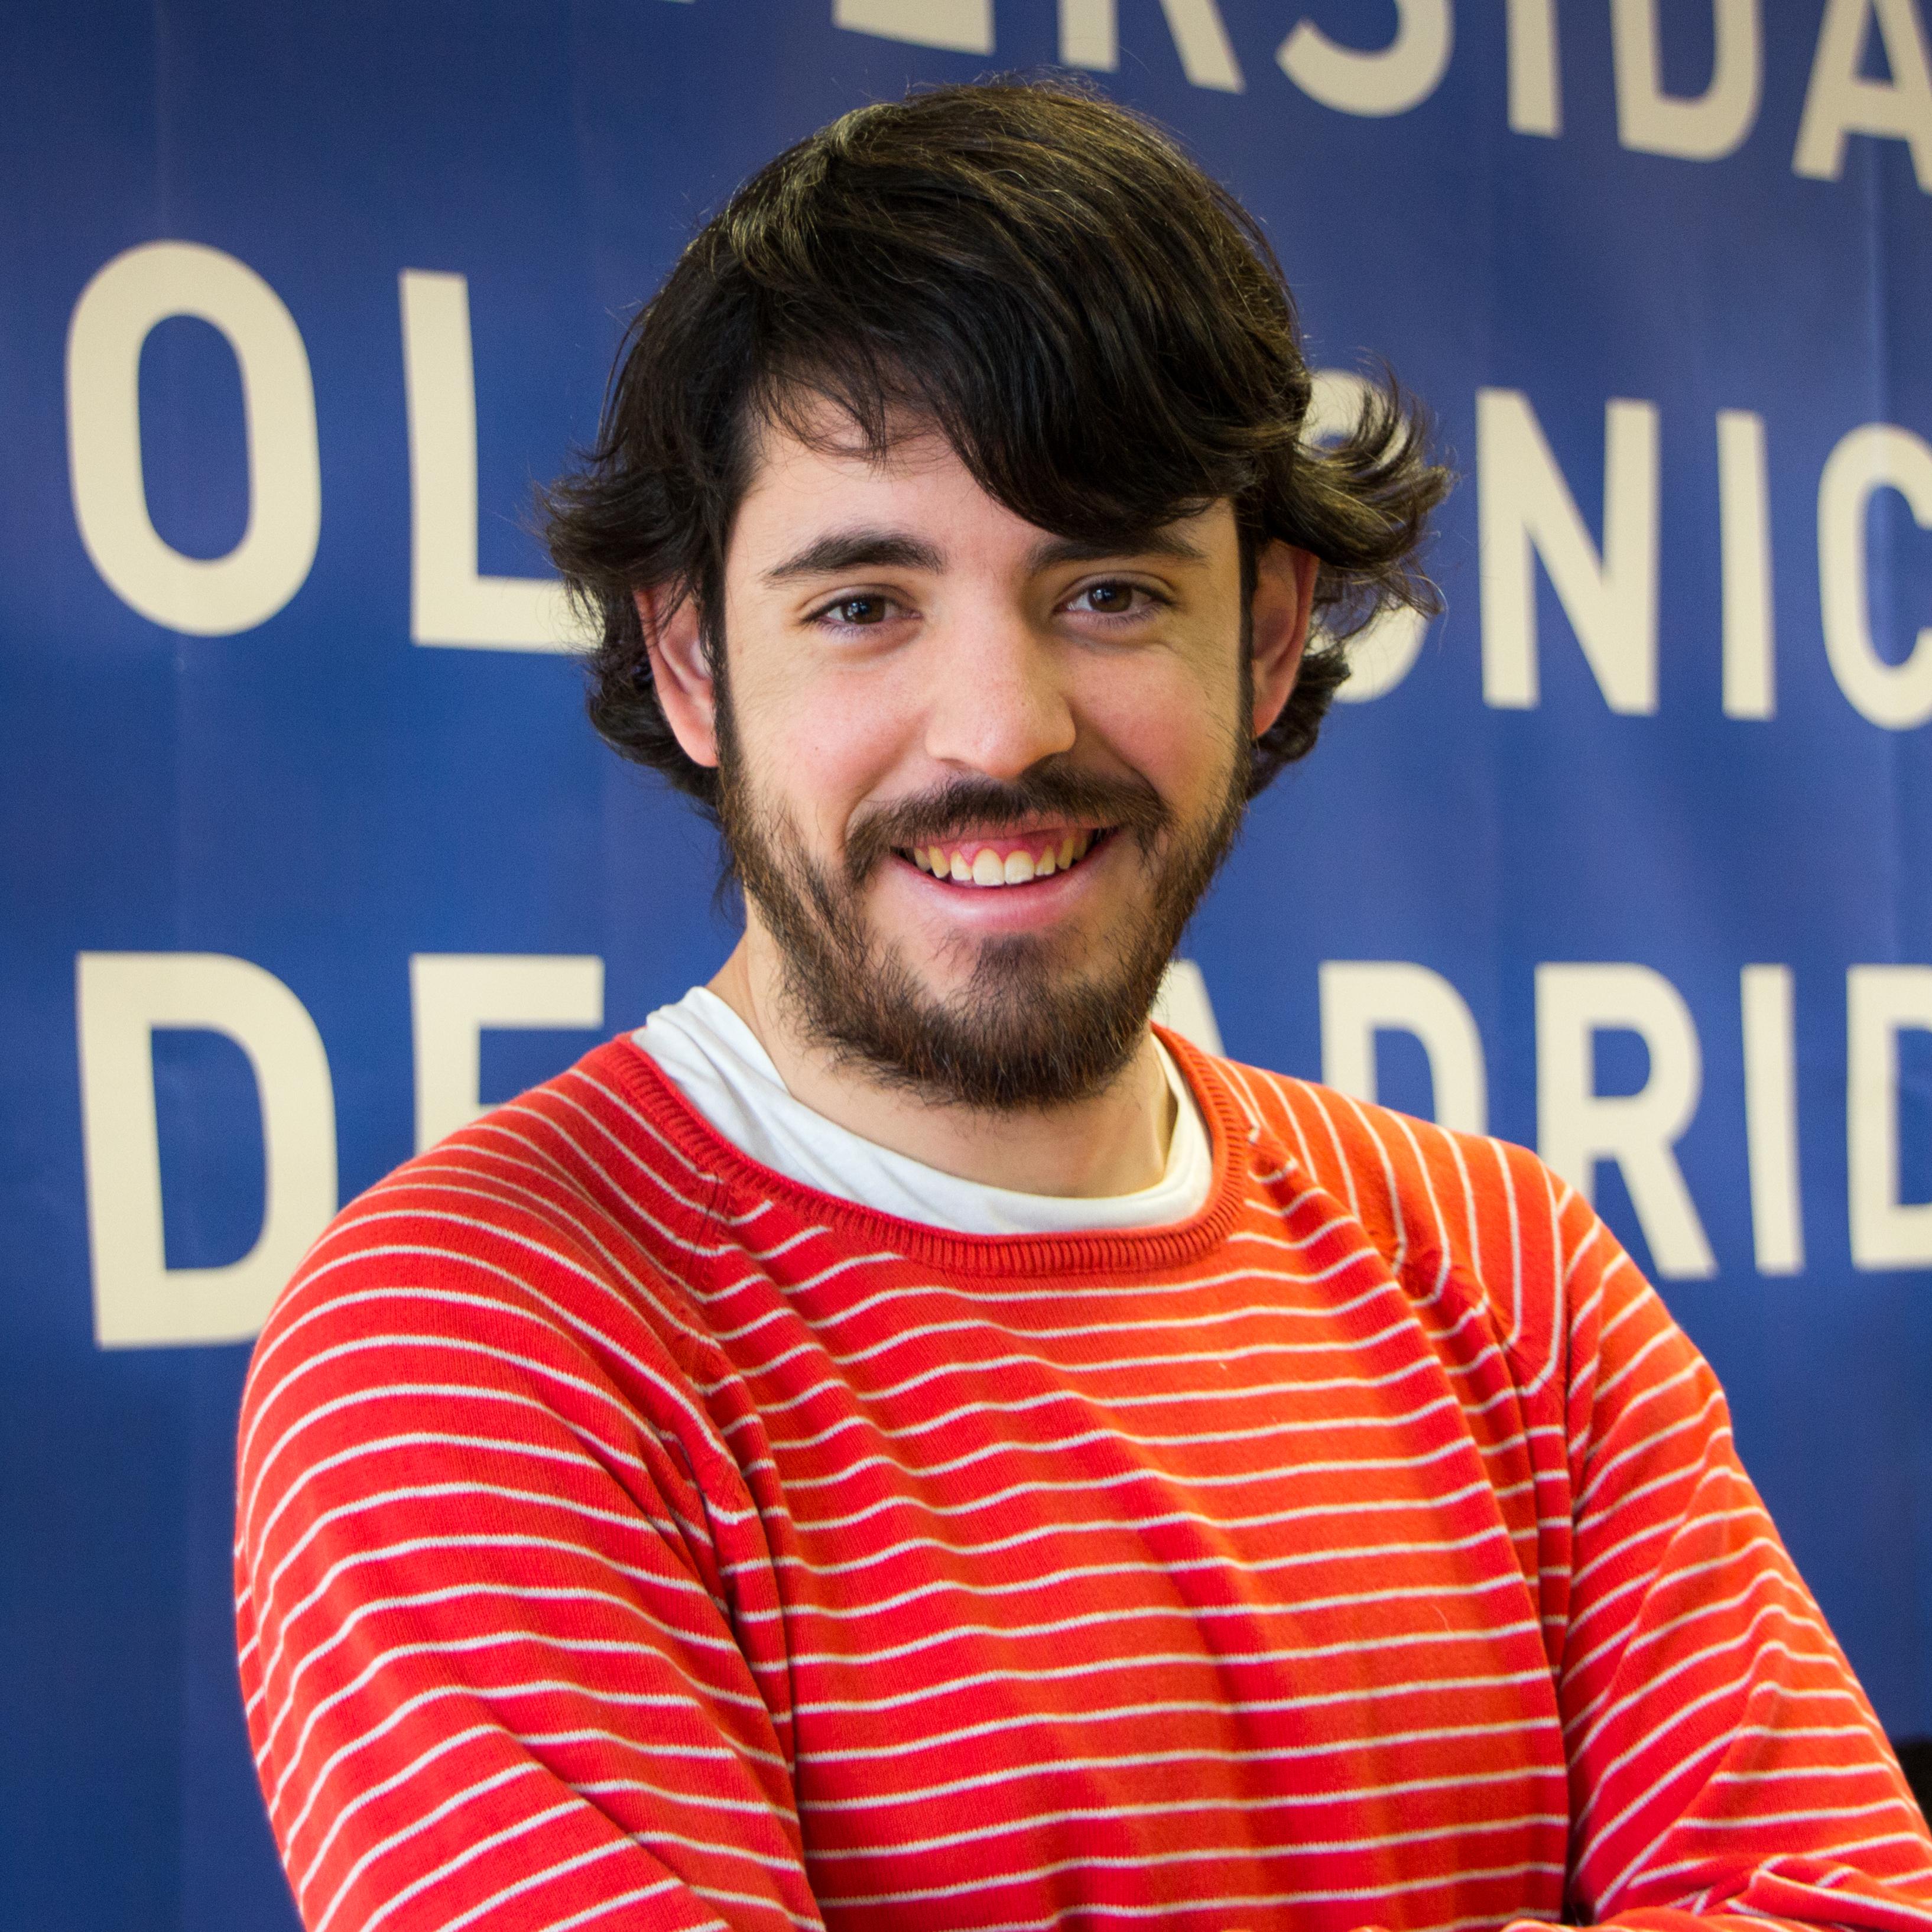 Francisco Javier Alcaraz de Amuriza